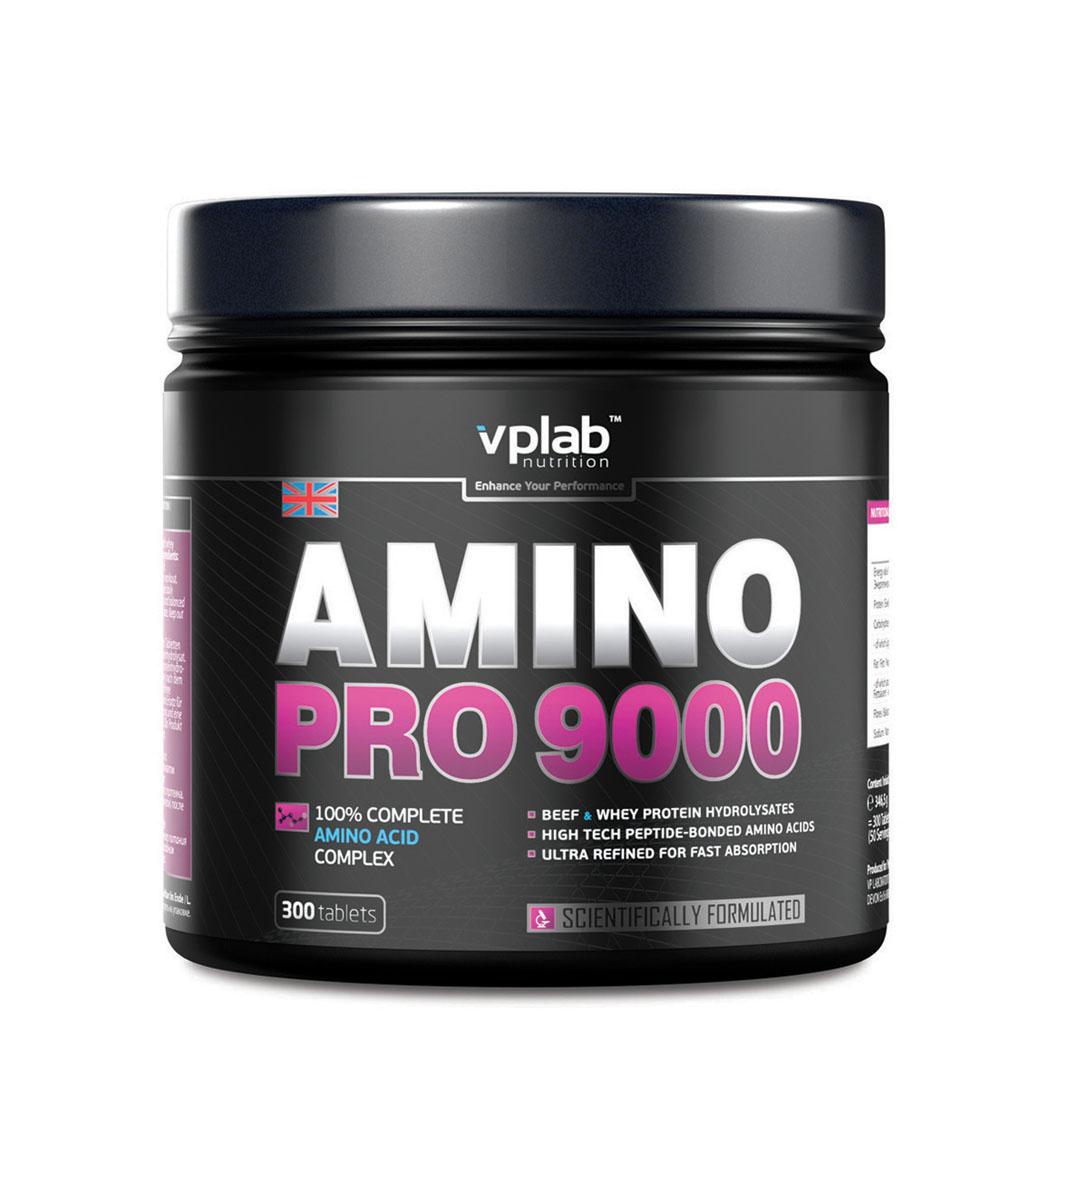 Аминокислотный комплекс VPLab Amino Pro 9000, 300 таблетокV51383Гидролизат говяжьего протеина обладает наивысшим анаболическим потенциалом. Это великолепный способ получения протеина из мяса, однако, лишенный таких недостатков, как высокое содержания жиров и сравнительно низкая усвояемость. Гидролизат сывороточного протеина характеризуется максимальной скоростью усвоения и наивысшей биологической ценностью. Такое уникальное сочетание протеинов с полным спектром концентрированных аминокислот, оптимально дополняющих друг друга, обеспечивает максимальную всестороннюю поддержку мышечной ткани. Аминокислотный комплекс VPLab Amino Pro 9000 - революционный продукт не содержит никаких добавок и примесей. 100% аминокислотный комплекс с высочайшей биологической ценностью.Питательная ценность на 100 г: энергетическая ценность - 413.0 ккал (1,726.0 кдж), белки - 88.7 г, углеводы - 2.7 г, из которых сахара - 2.7 г, жиры - 5.2, из них насыщенные жирные кислоты - 3.6, клетчатка - 0, натрий - 0.500 г.Аминокислоты на 100 г: Аргинин - 6,290.0 мг, аланин - 4,726.0 мг, аспарагиновая кислота - 7,475.0 мг, цистин - 46.0 мг, глютаминовая кислота - 12.7 г, глицин - 9,401.0 мг, гистидин - 1,252.0 мг, гидроксипролин - 4,755.0 мг, изолейцин - 3,301.0 мг, лейцин - 6,384.0 мг, лизин - 5,670.0 мг, метионин - 1,252.0 мг, фенилаланин - 2,510.0 мг, пролин - 7,733.0 мг, серин - 3,885.0 мг, треонин - 4,127.0 мг, триптофан - 796.0 мг, тирозин - 1,738.0 мг, валин - 3,925.0 мг.Рекомендации по применению: 1 порция после тренировки.Товар сертифицирован.Как повысить эффективность тренировок с помощью спортивного питания? Статья OZON Гид